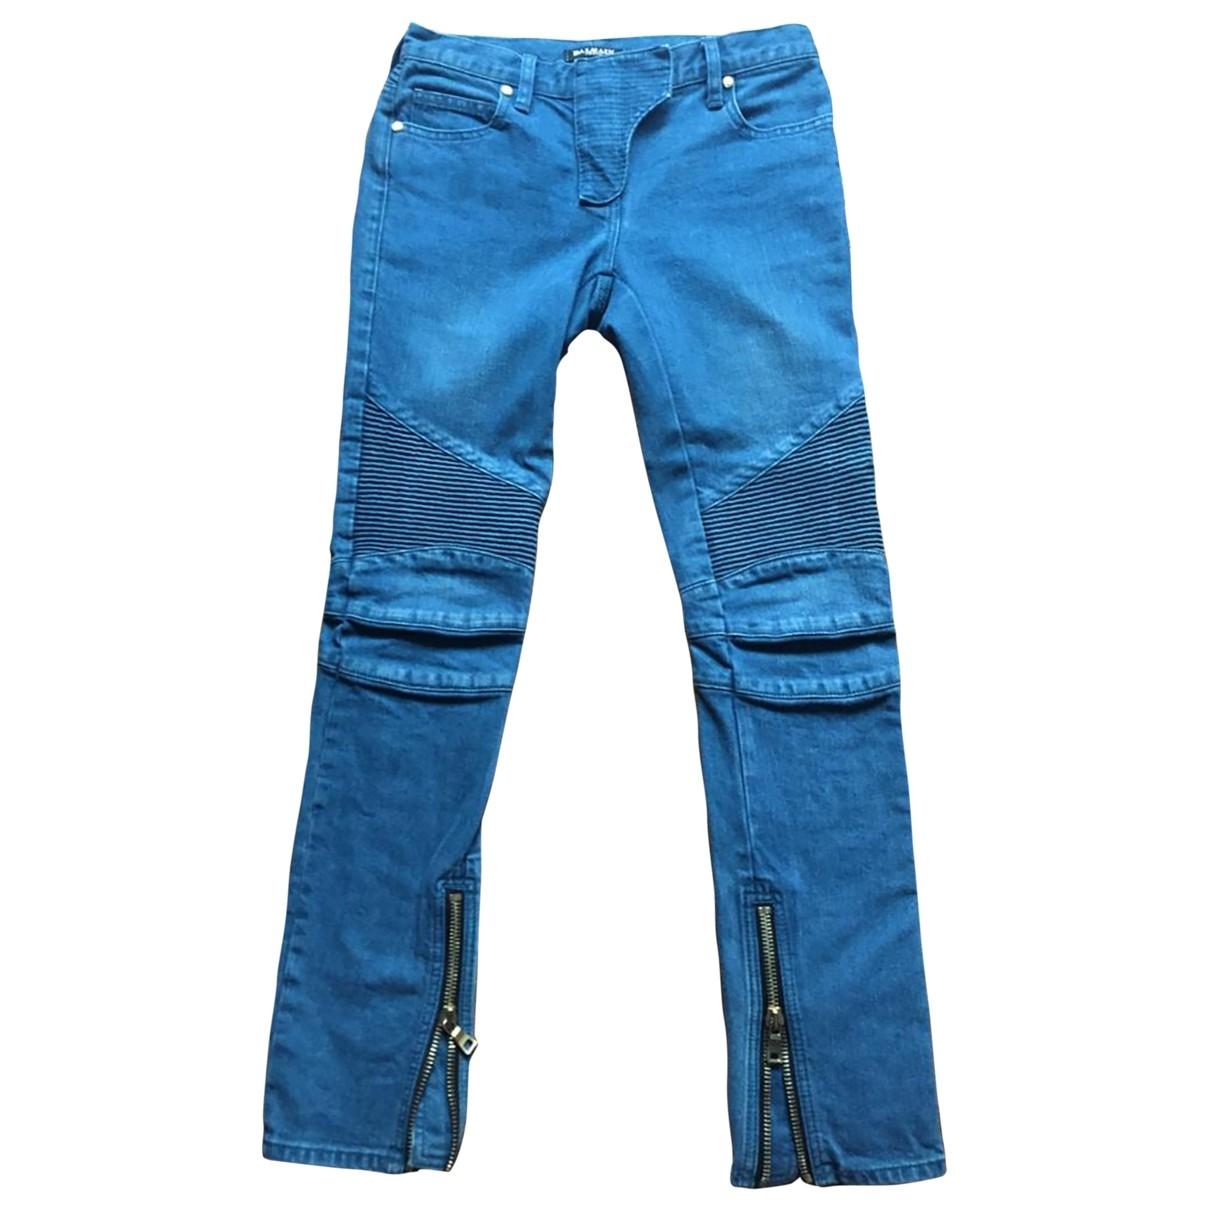 Balmain \N Blue Cotton - elasthane Jeans for Women 36 FR